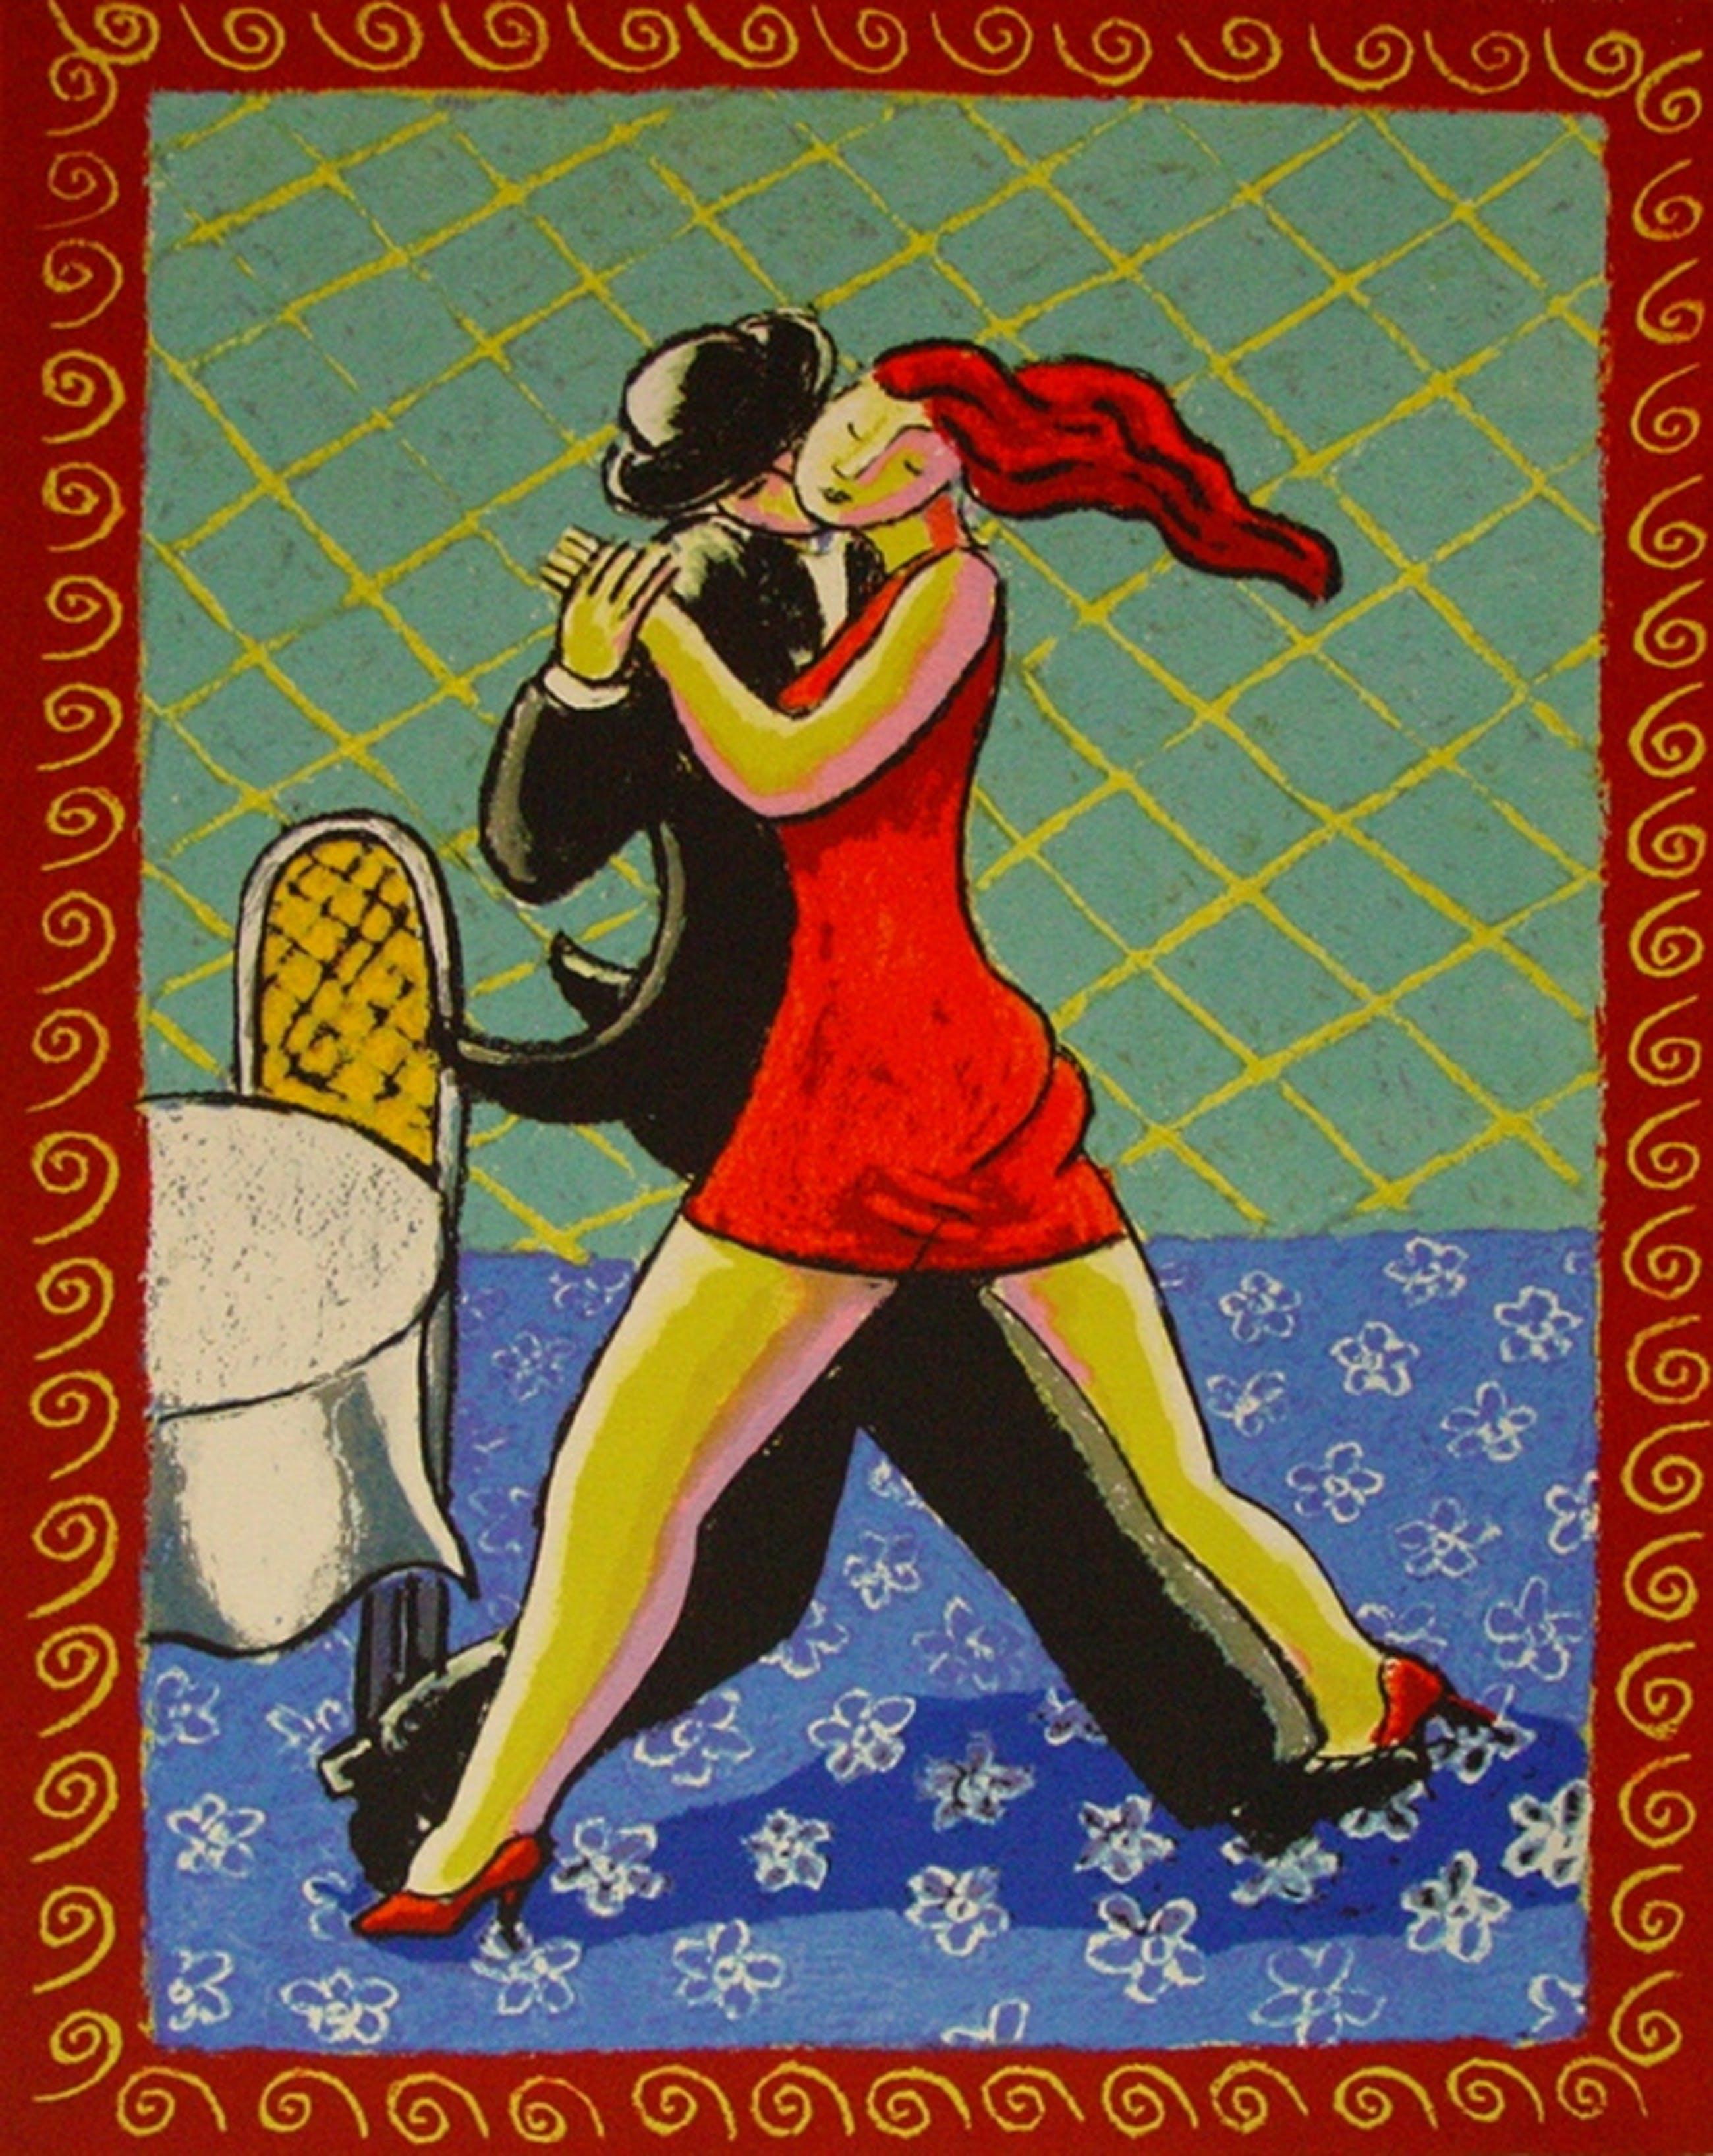 Jacques Tange, zeefdruk: Last Dance kopen? Bied vanaf 60!